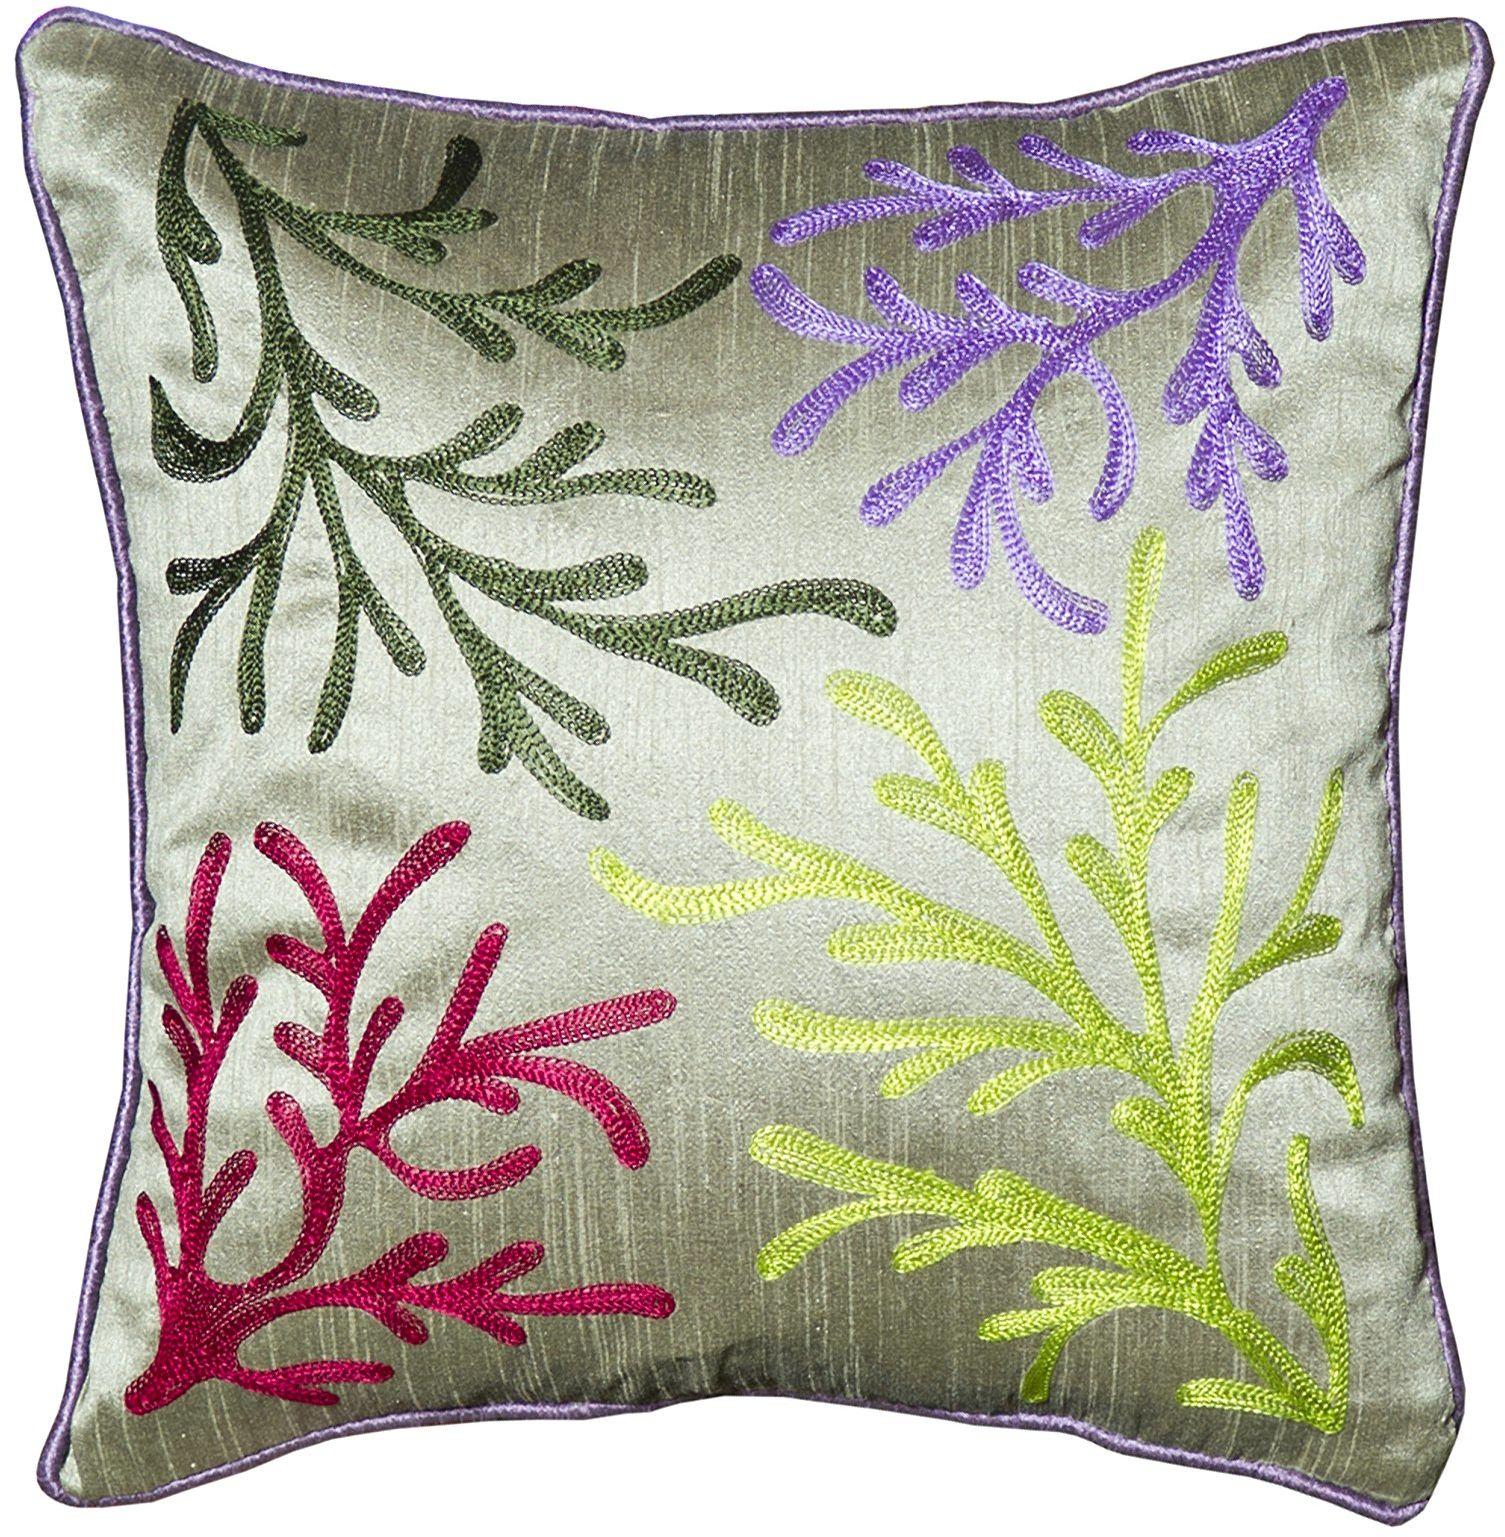 Poduszka z juty & Co Delhi z kolorowym haftem, 40 x 40 cm, wiskoza, wielokolorowa